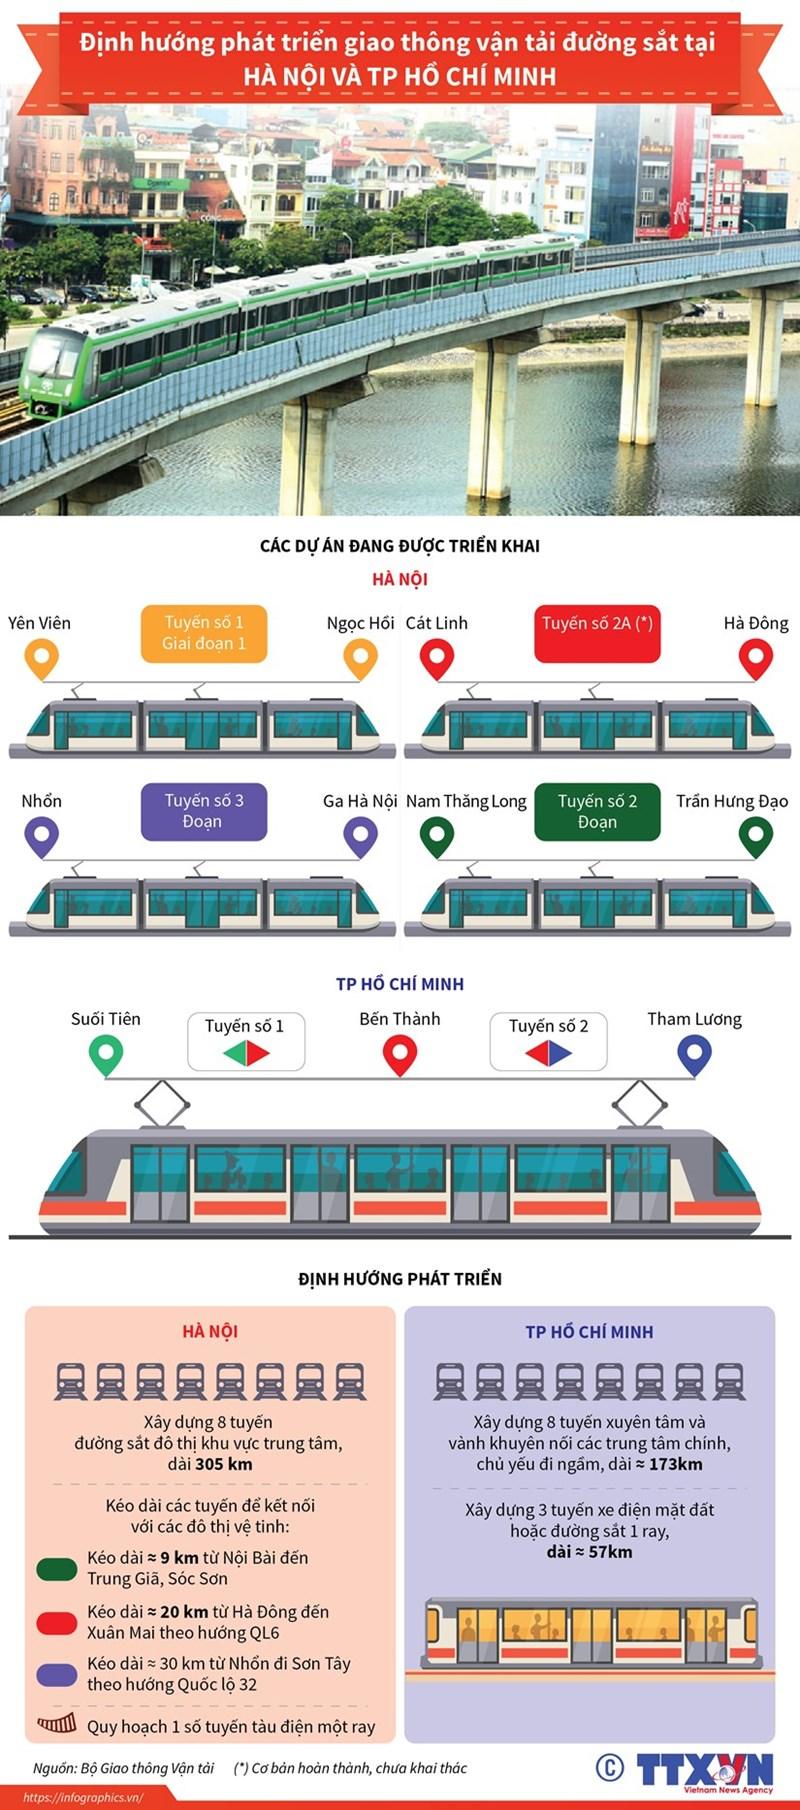 [Infographics] Định hướng phát triển giao thông đường sắt tại Hà Nội và TP. Hồ Chí Minh - Ảnh 1